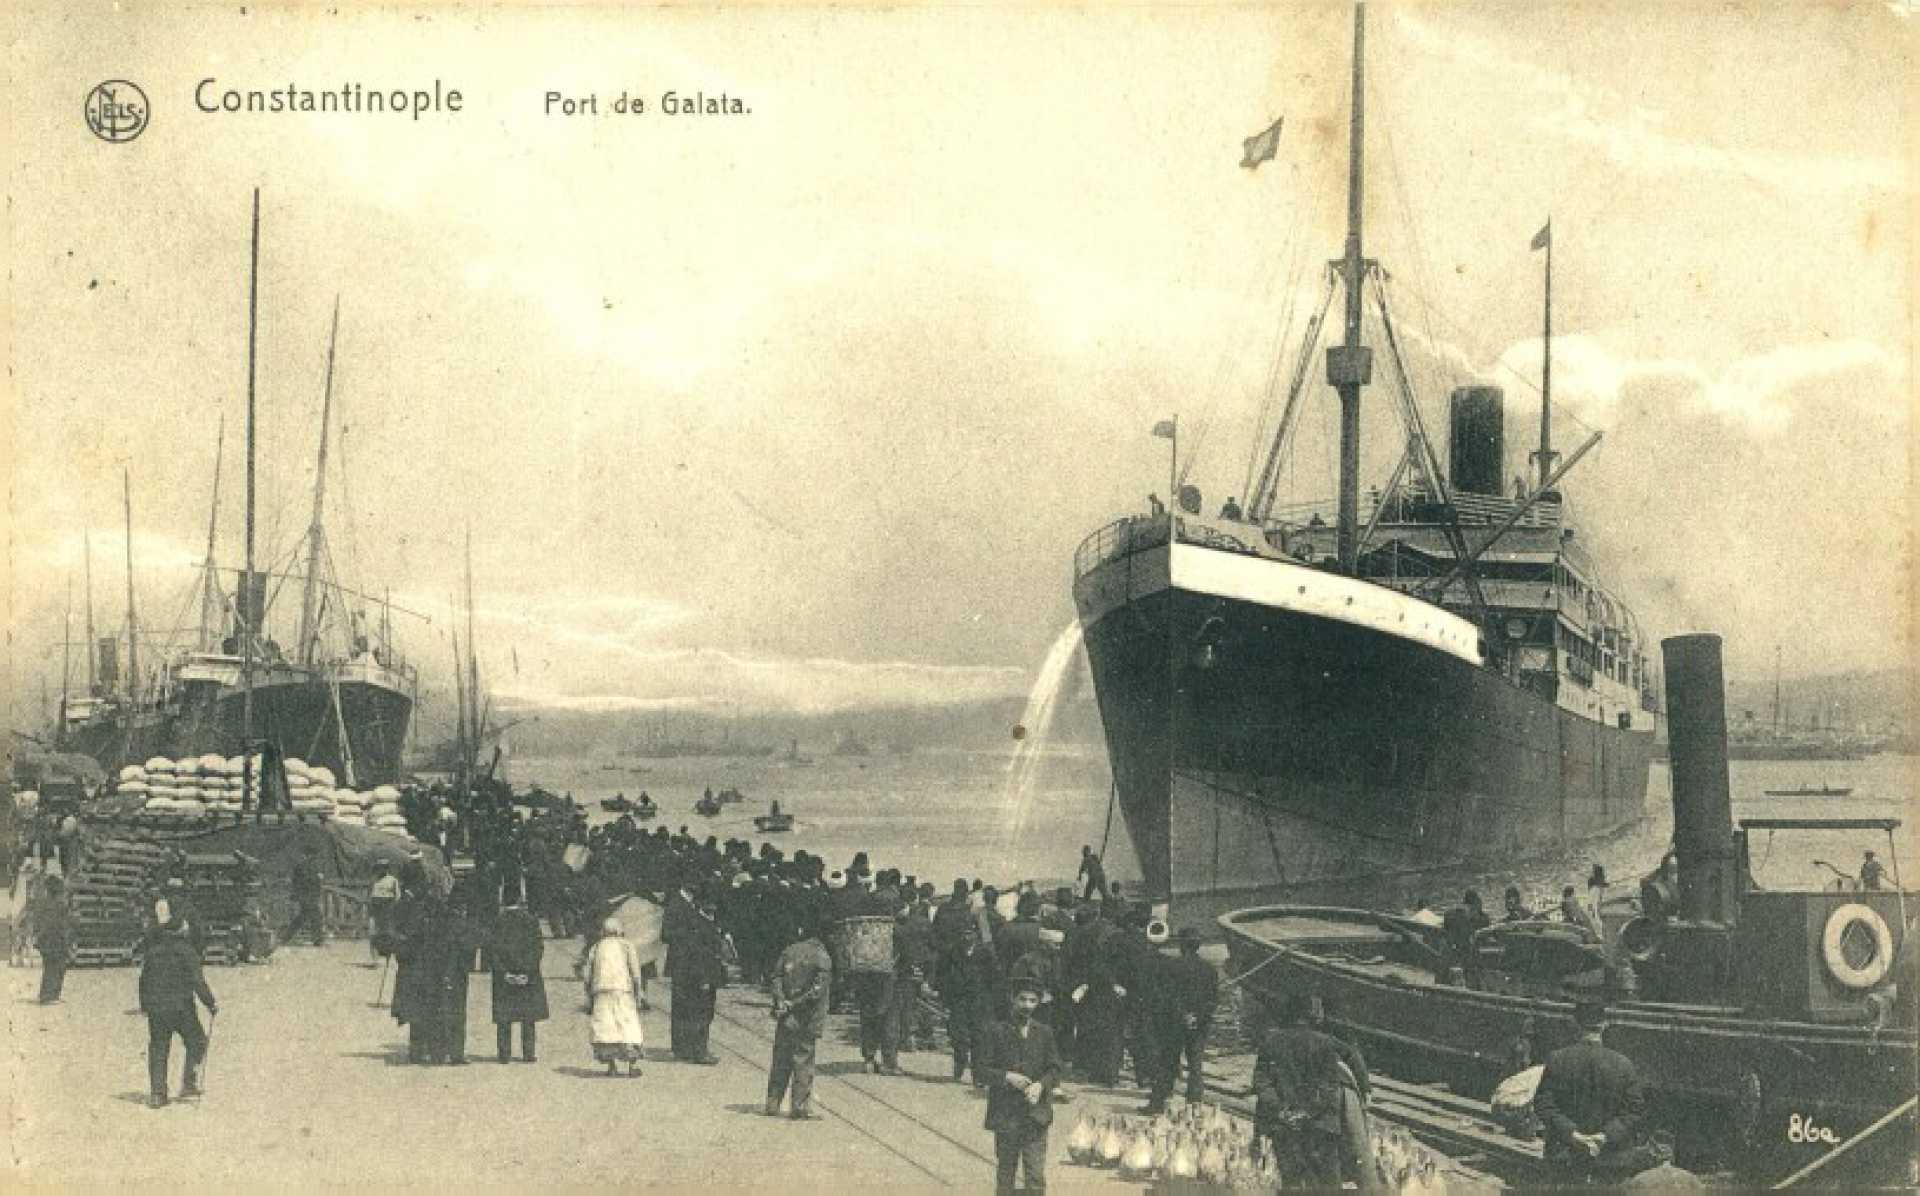 Port de Galata